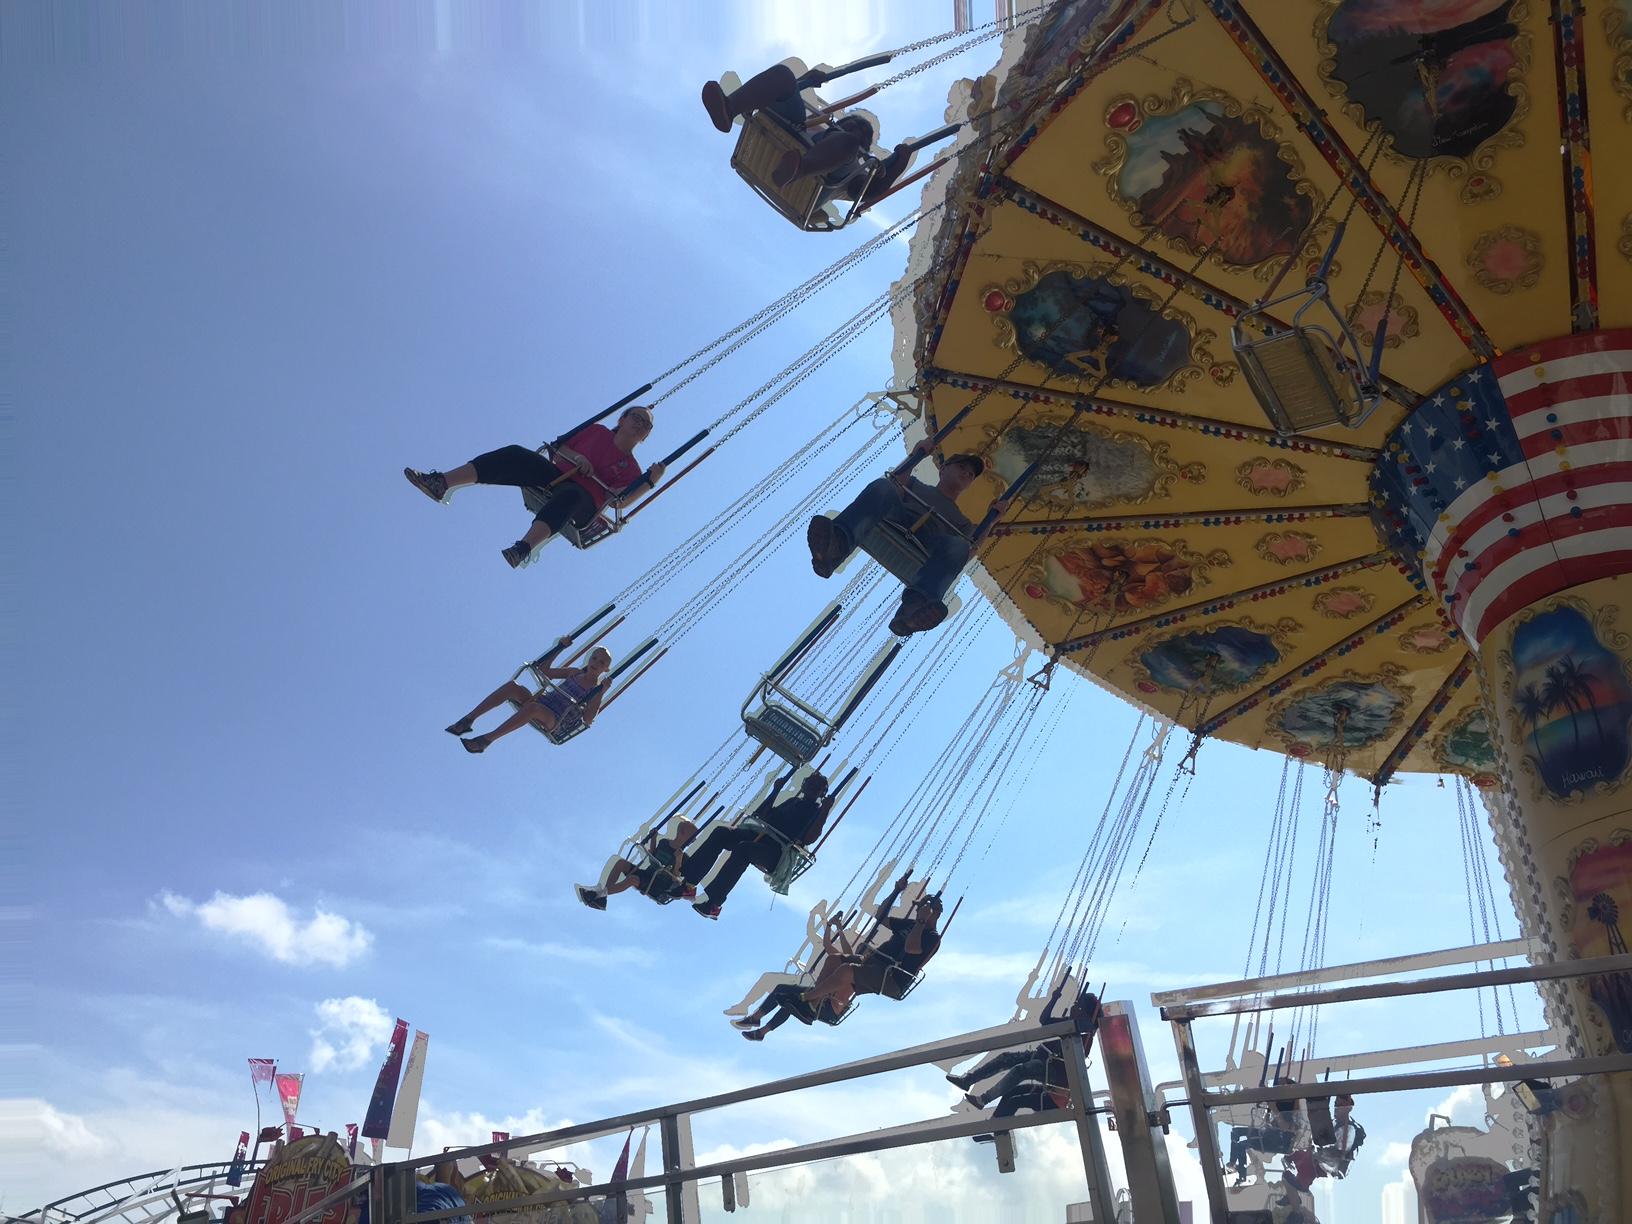 swings at the fair